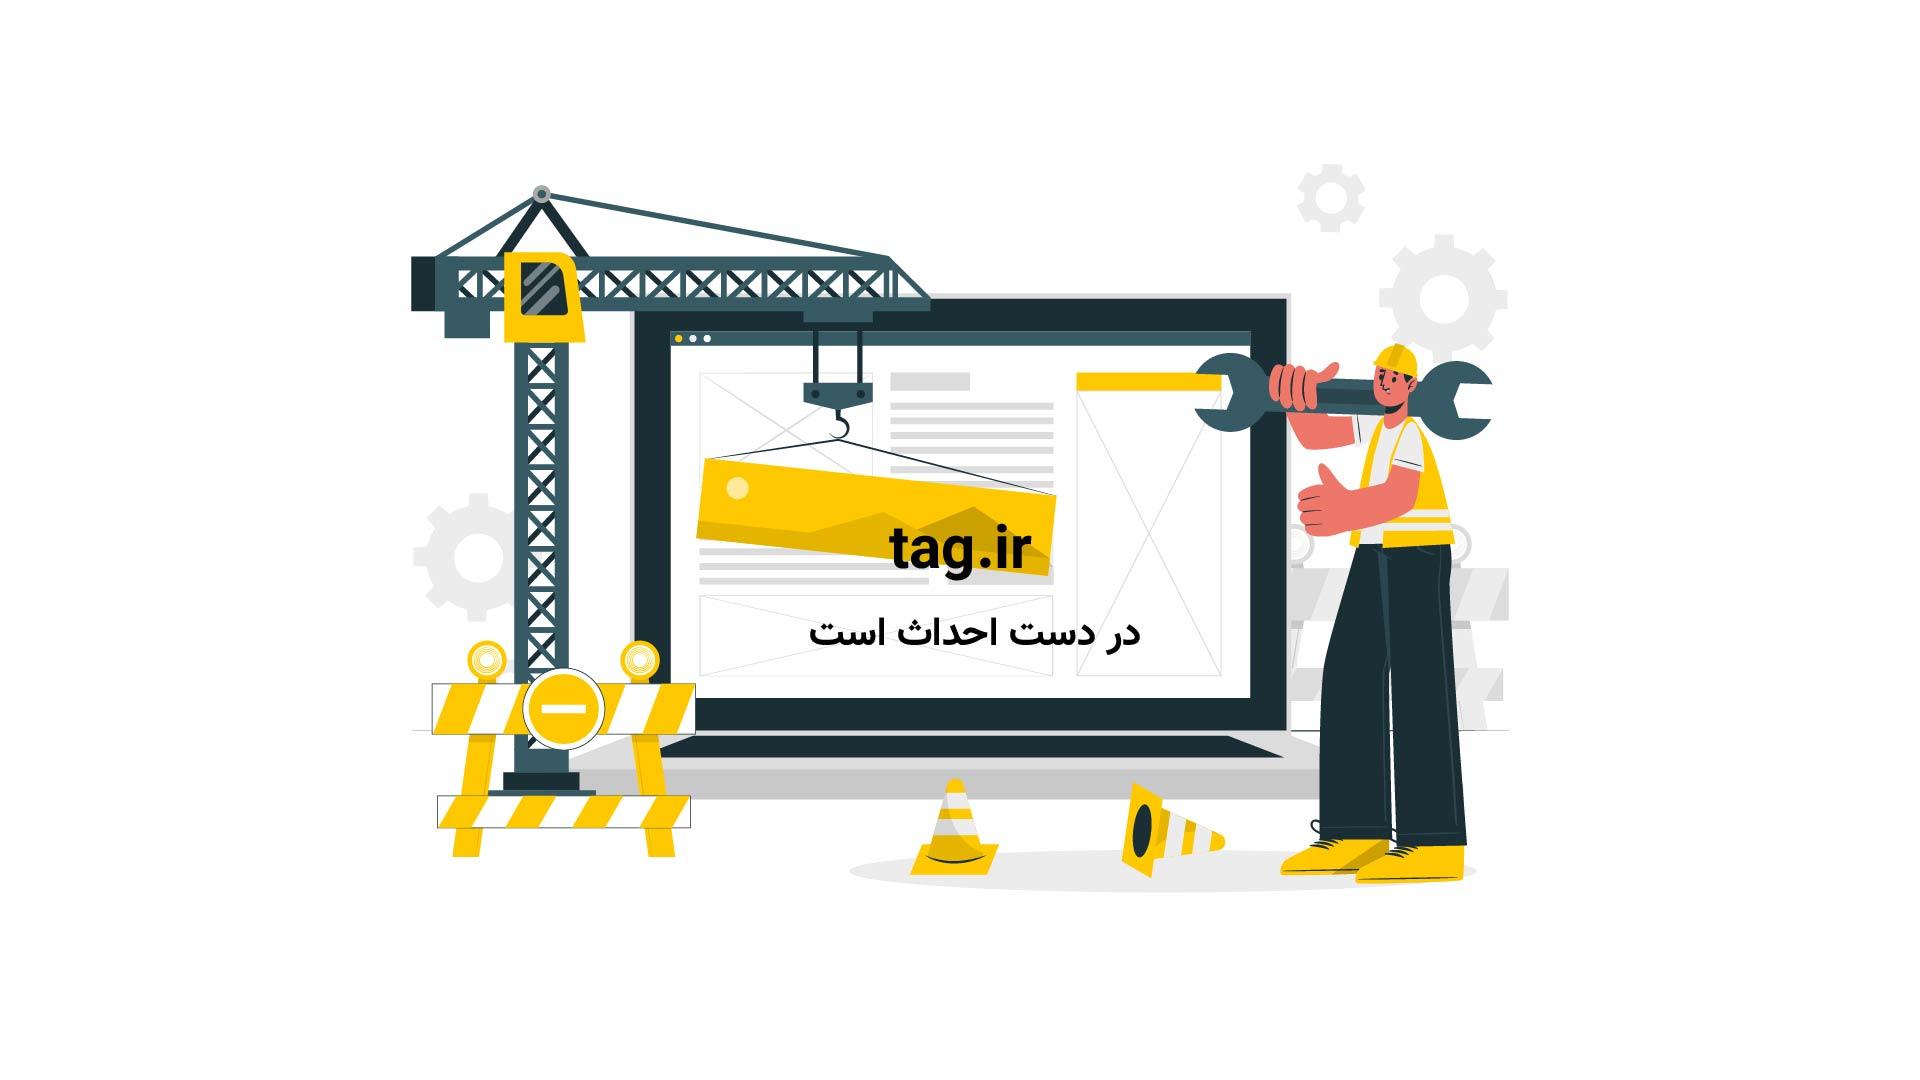 حرکت عجیب شاهزاده عربستانی با پرندگان شکاری | فیلم